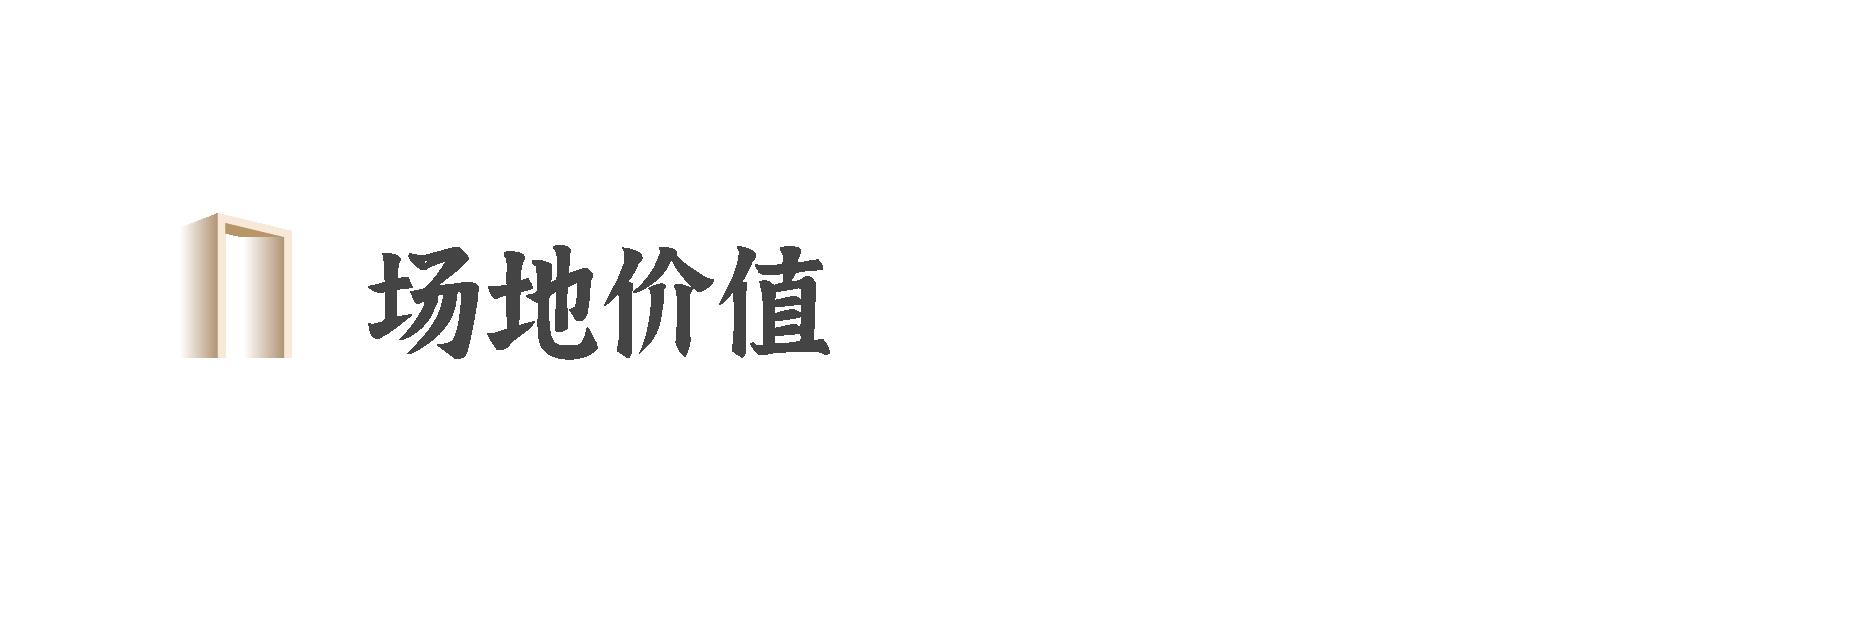 大主题-08.png